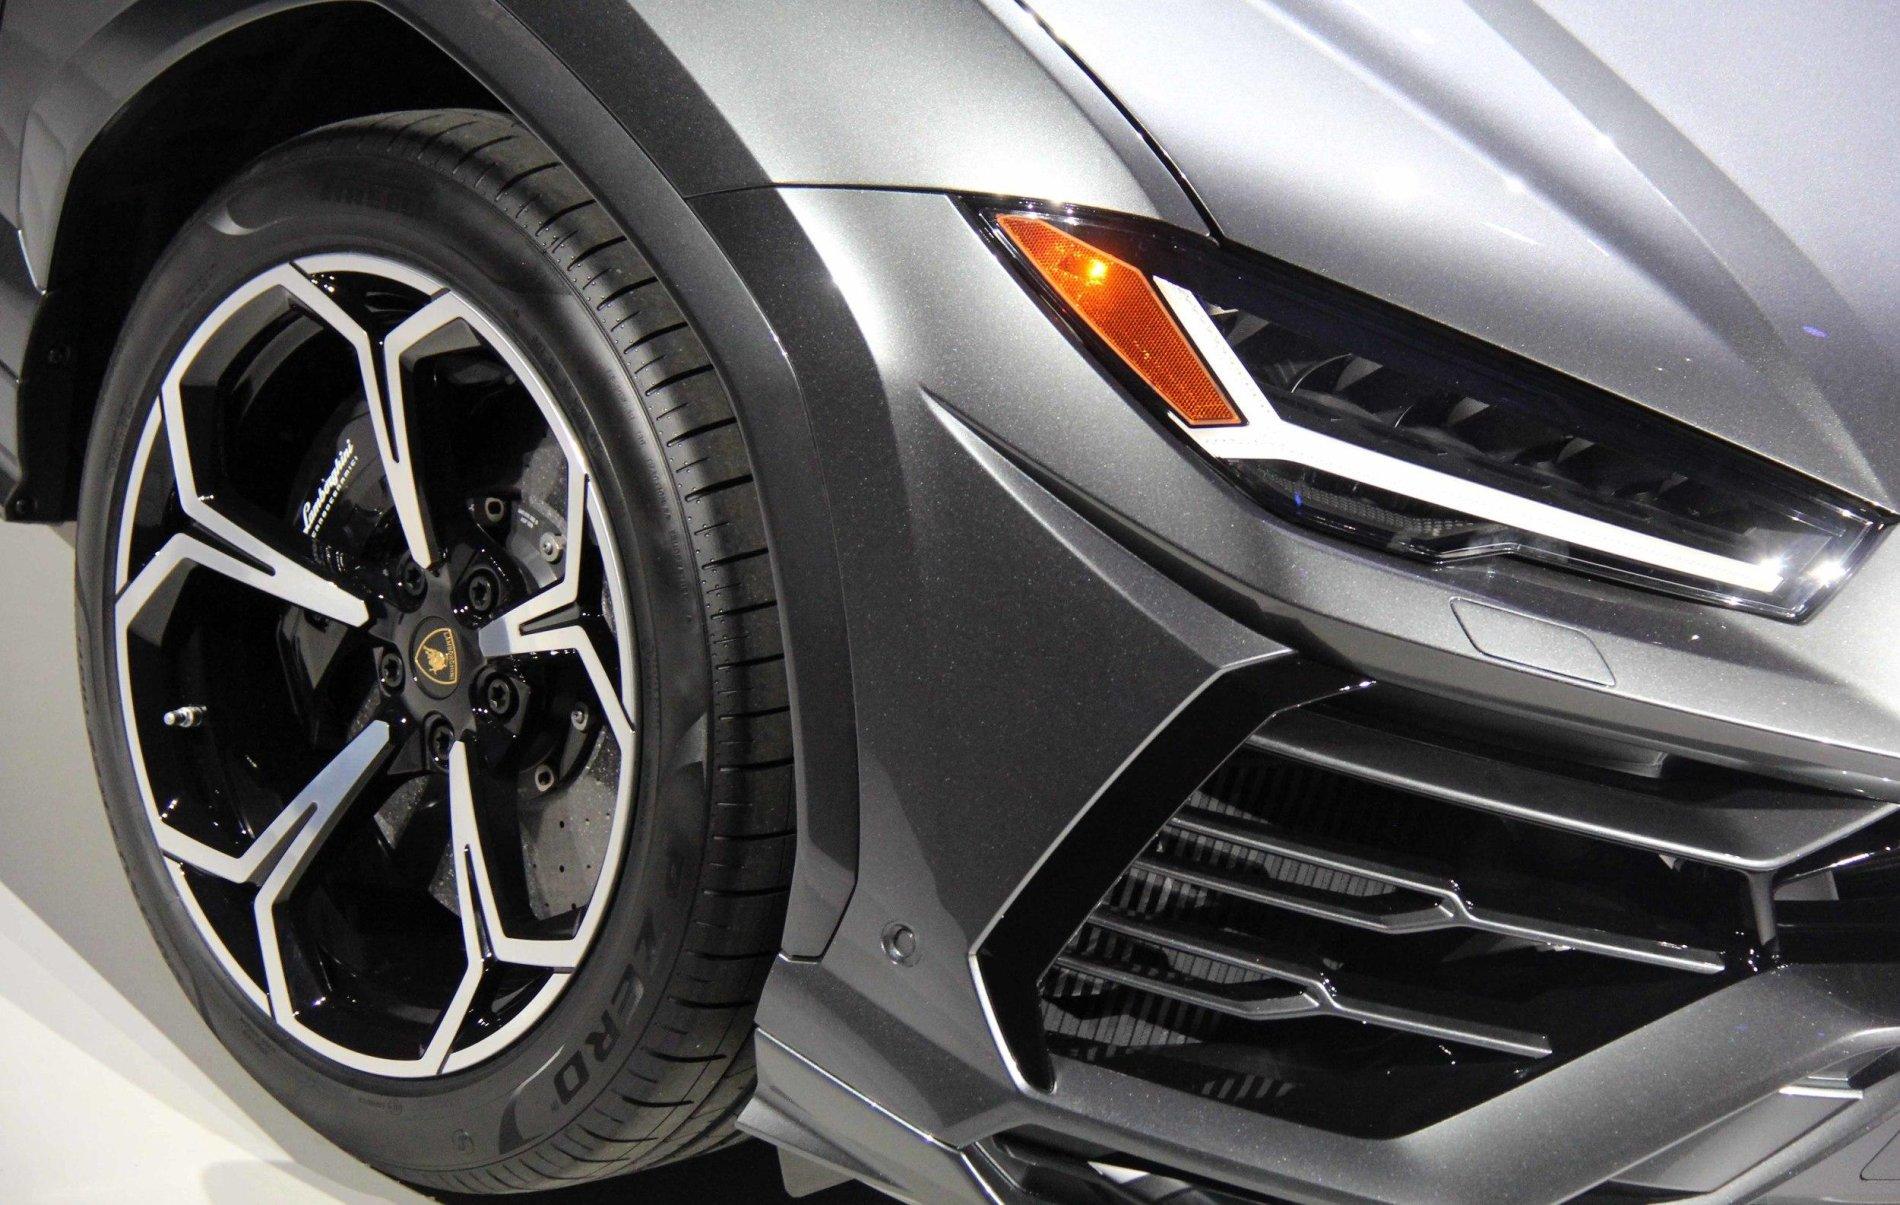 Lamborghini Urus - Poze Reale - Lamborghini Urus - Poze Reale